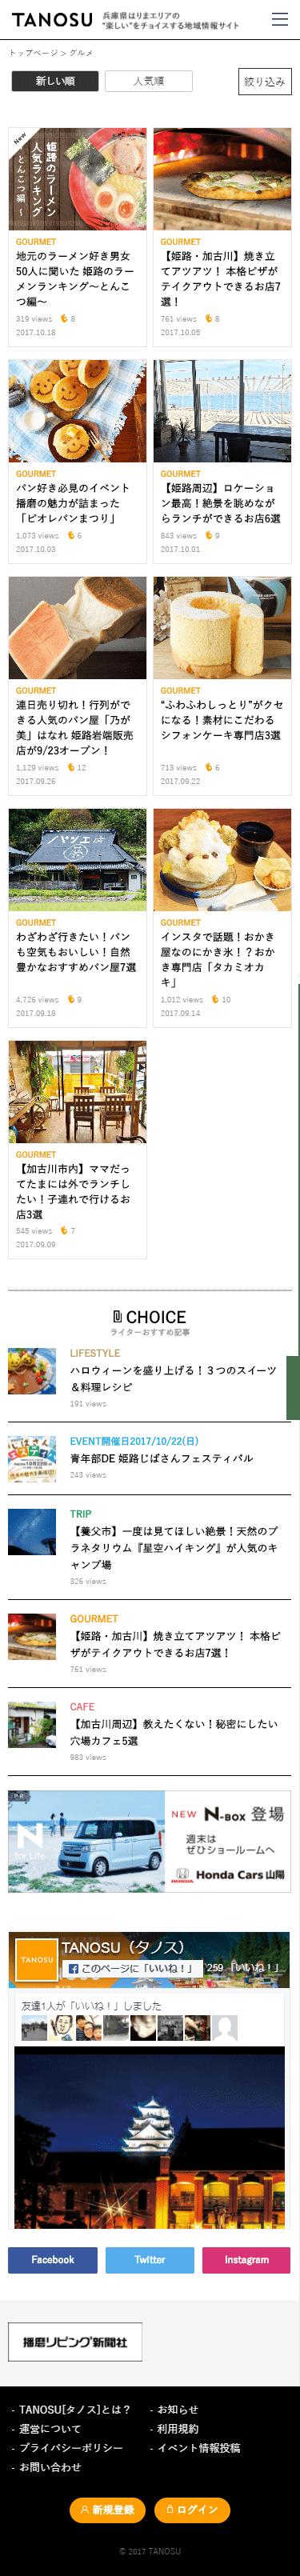 姫路市 播磨リビング新聞社様 はりま情報サイトTANOSUタノス ポータルサイト制作4